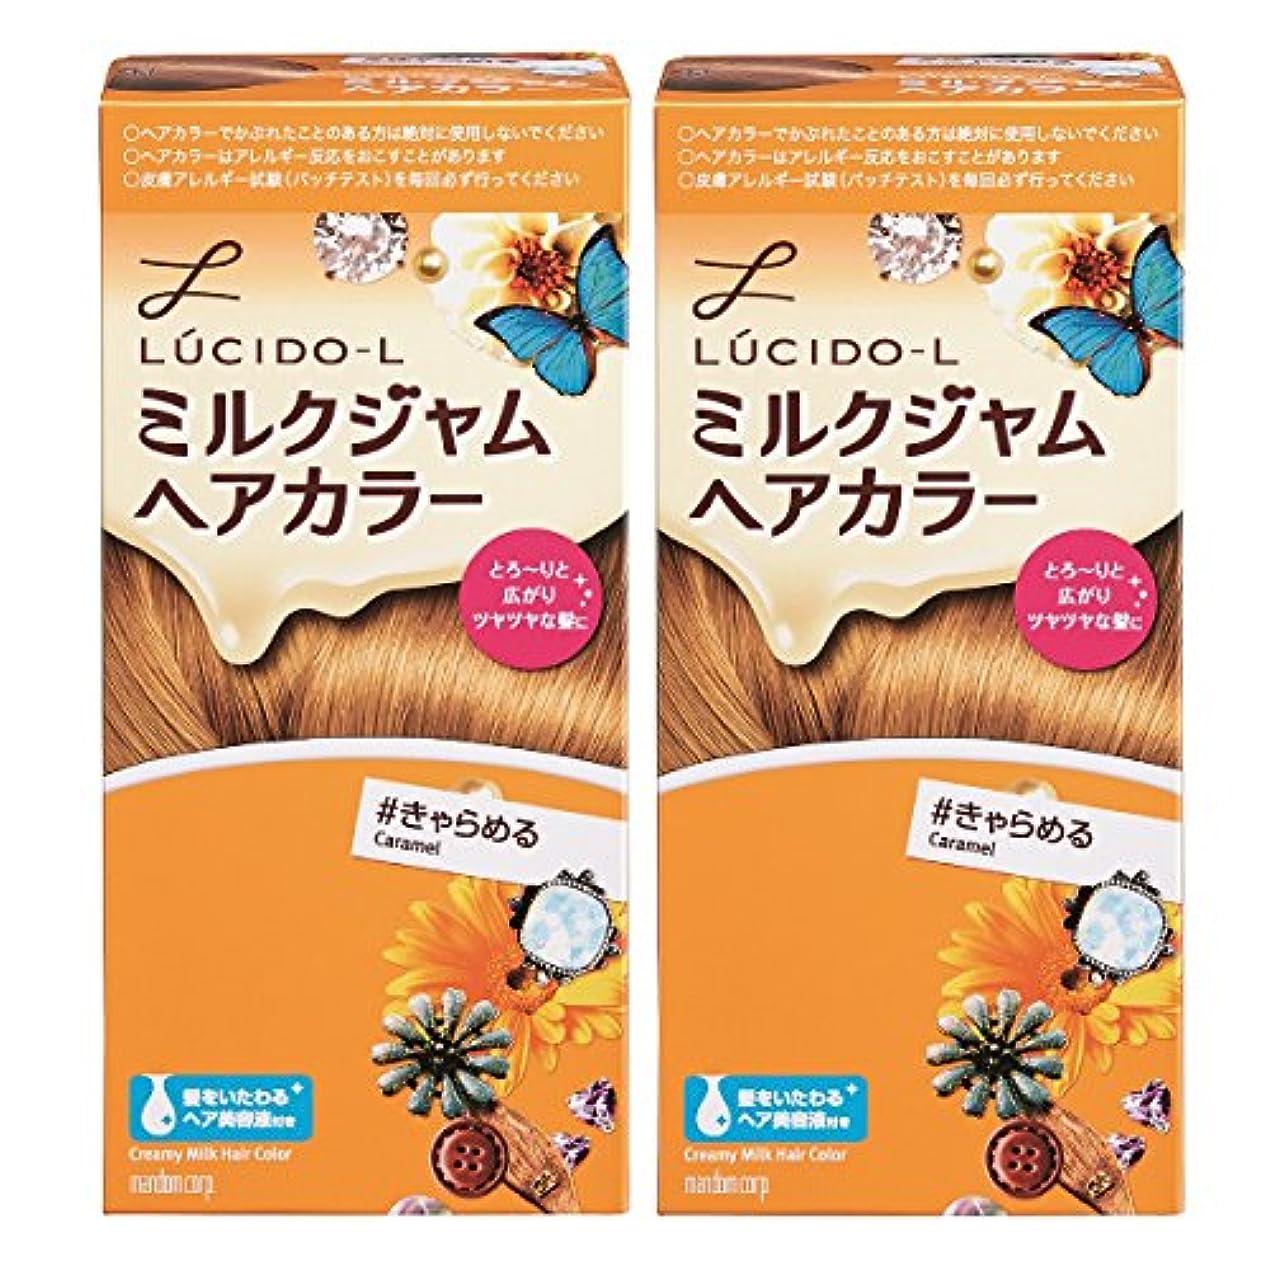 【まとめ買い】LUCIDO-L (ルシードエル)ミルクジャムヘアカラー #きゃらめる×2個パック (医薬部外品)